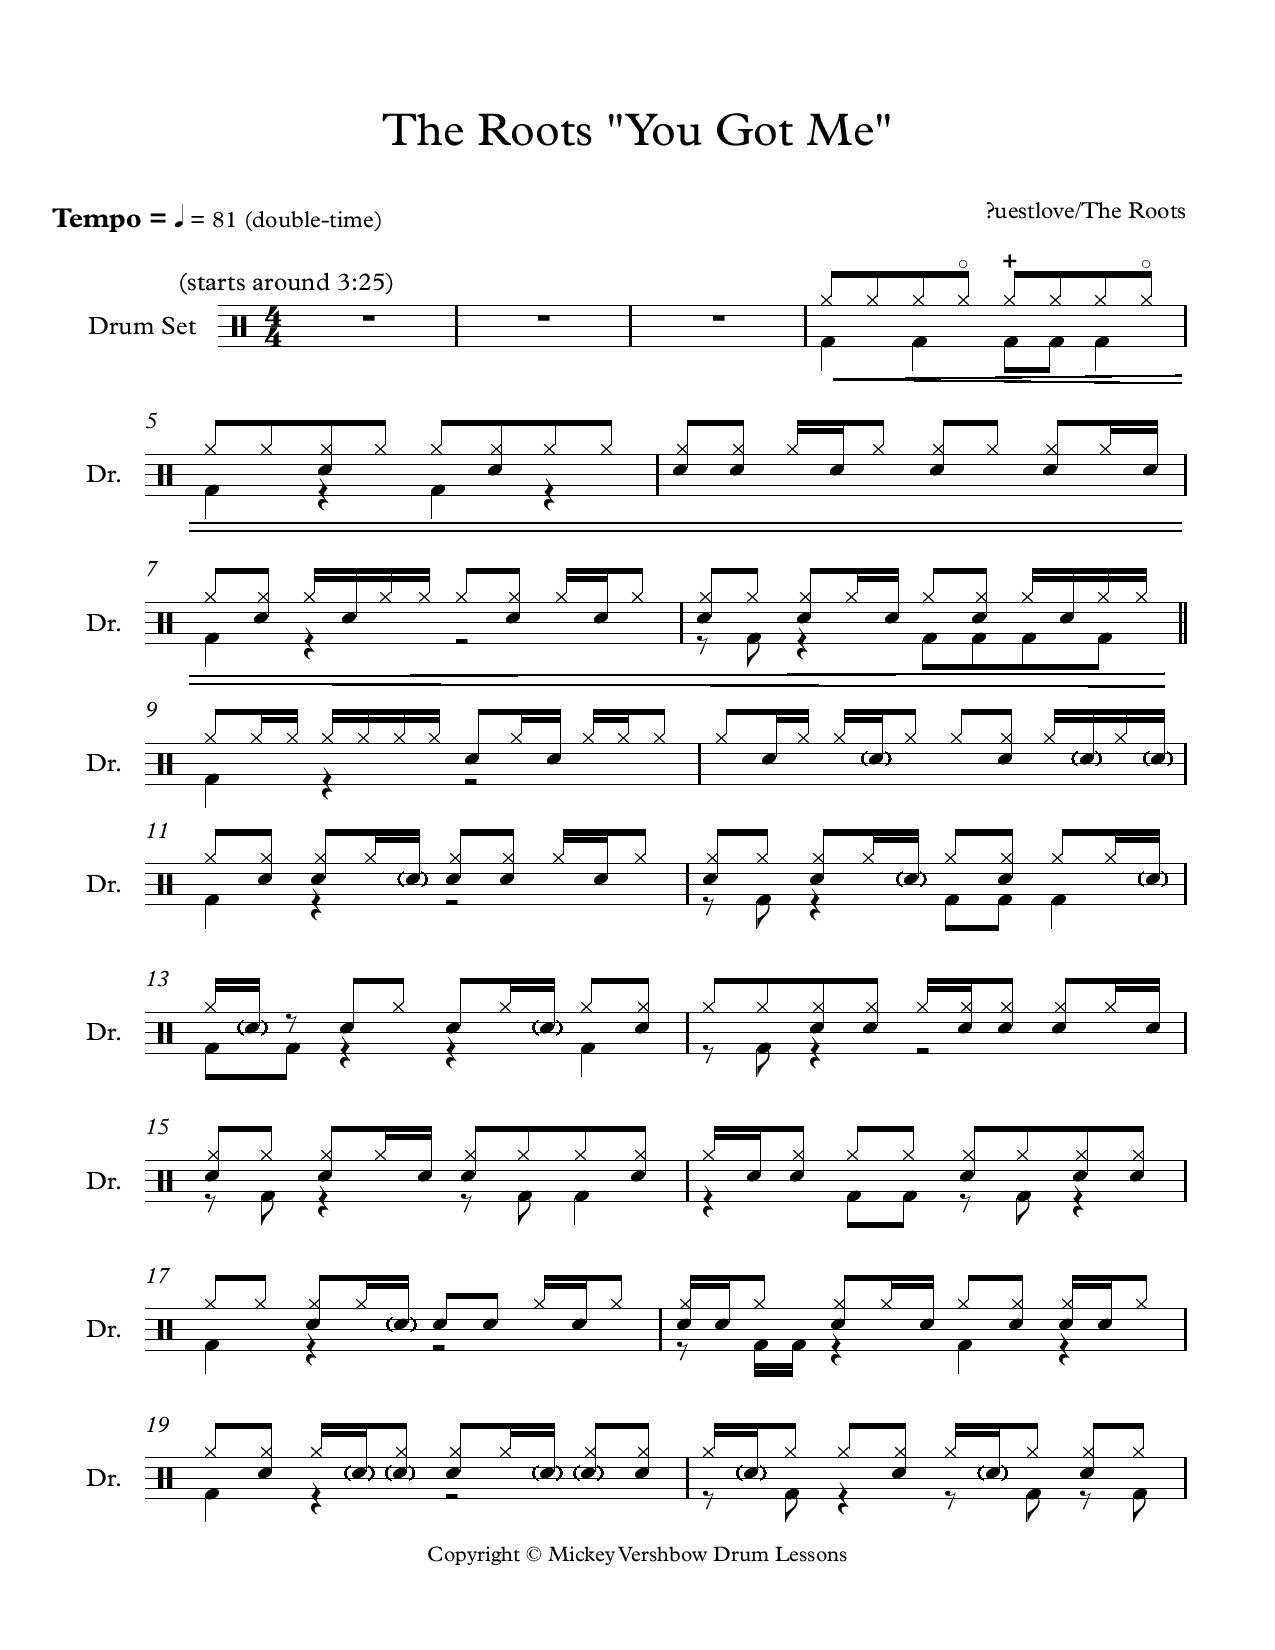 You really got me sheet music pdf